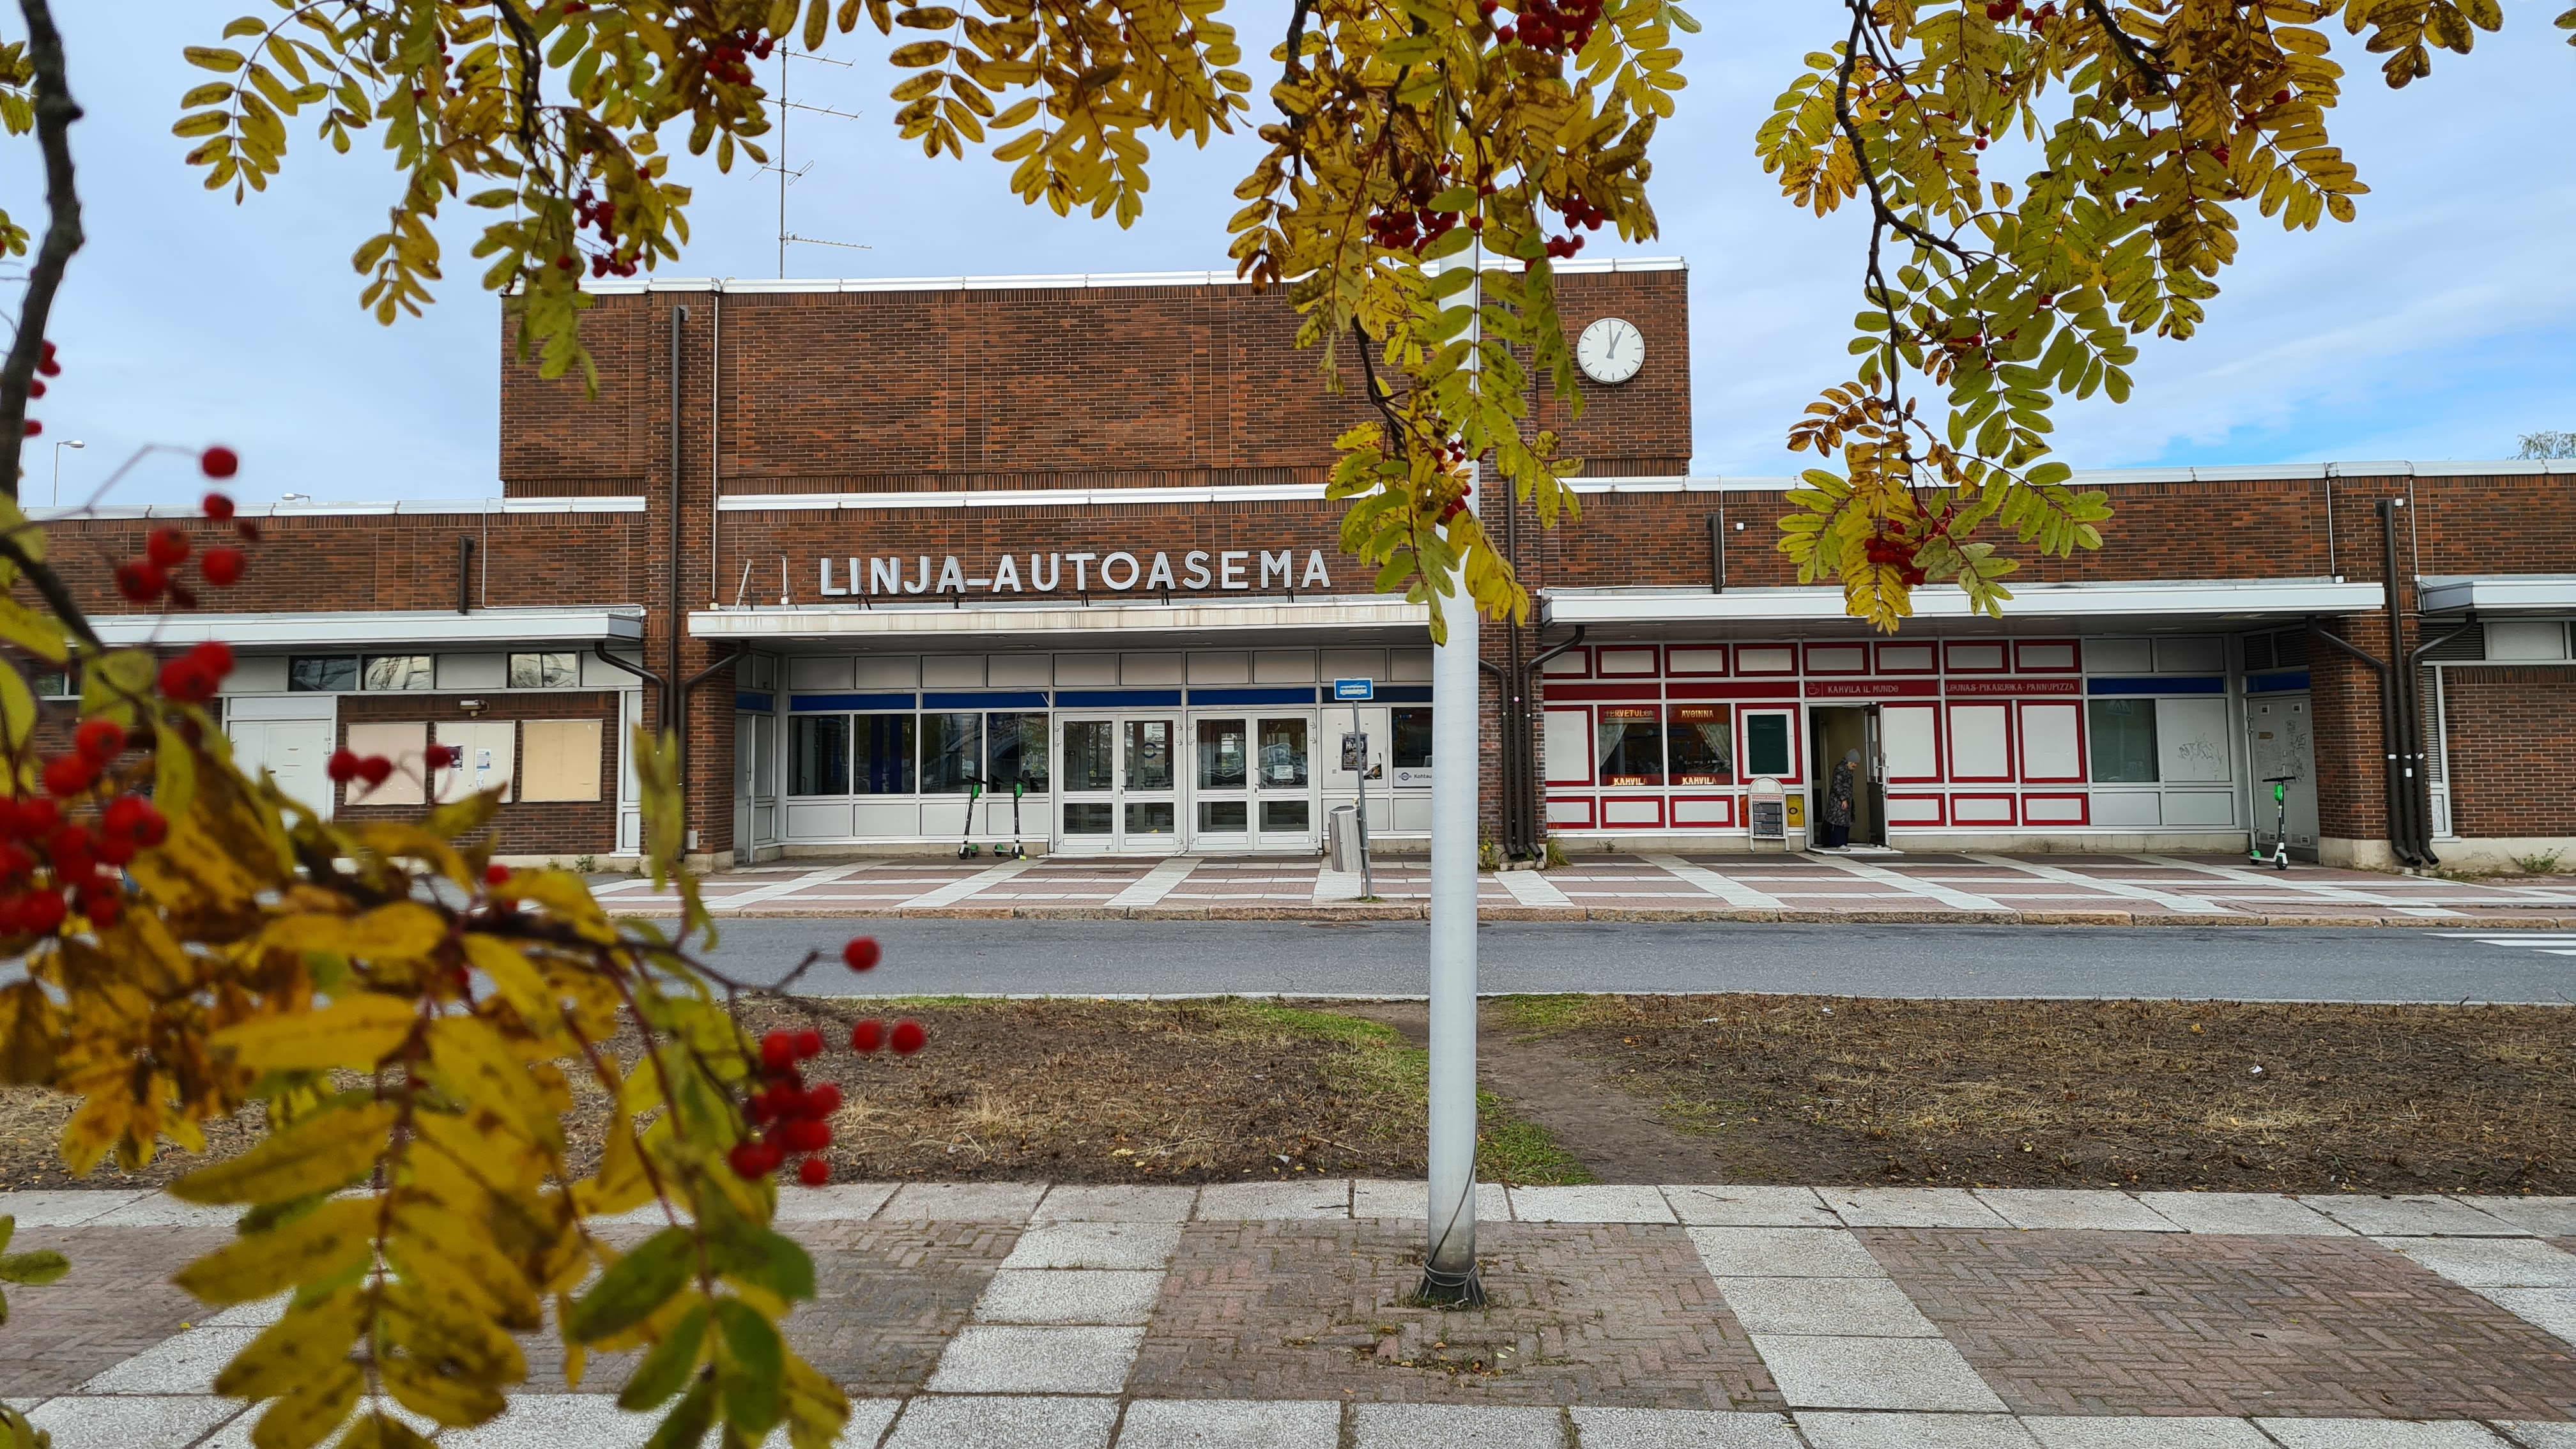 Oulun linja-autoasema